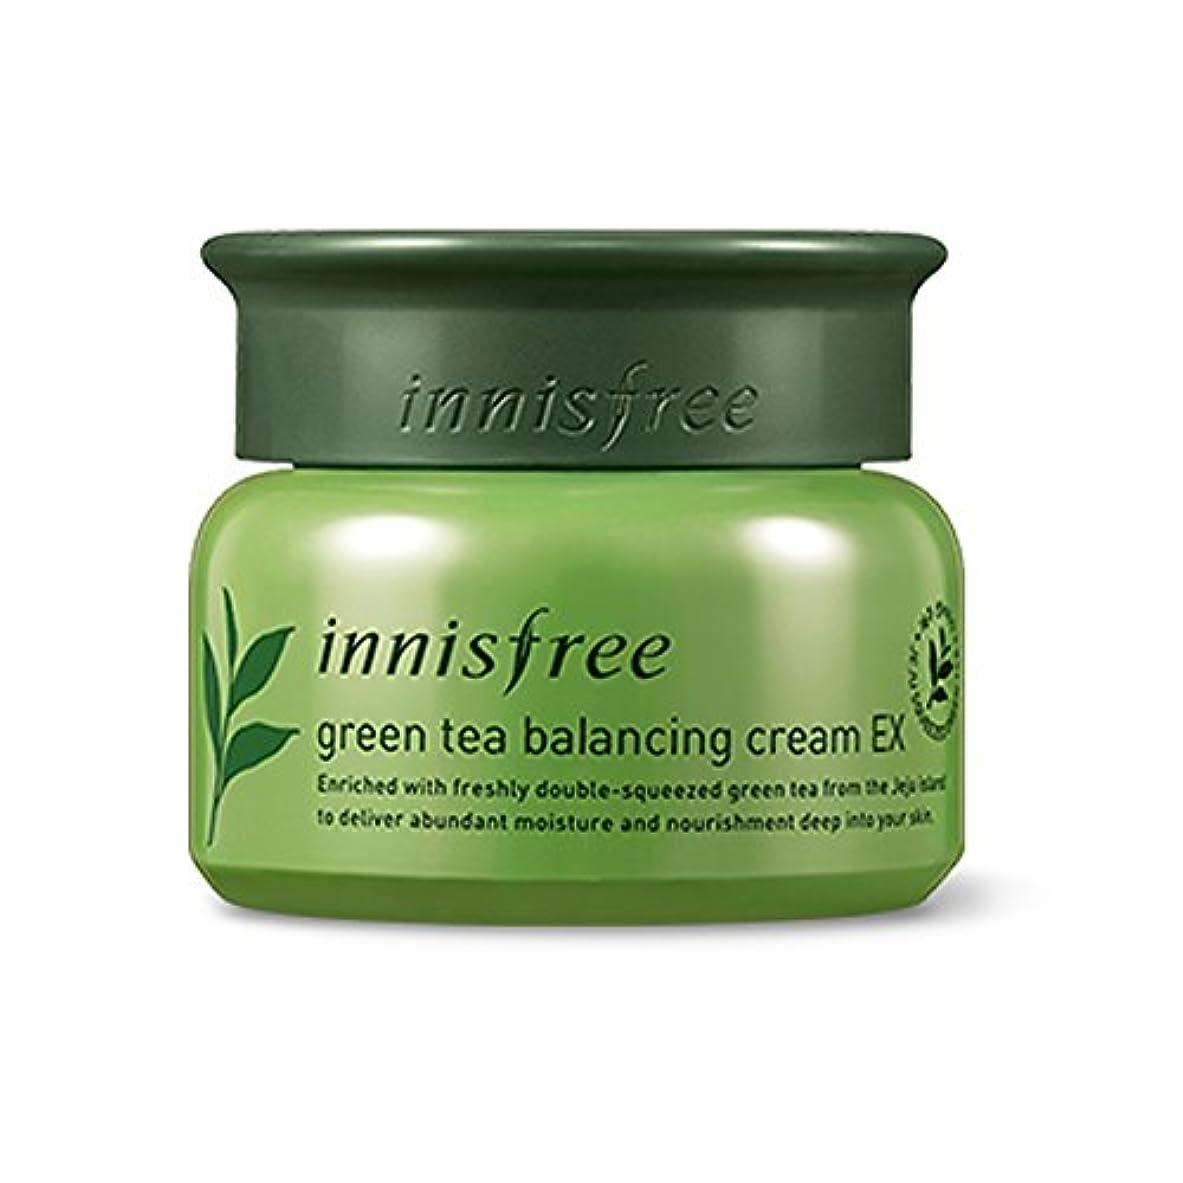 イニスフリーグリーンティーバランスクリーム50ml「2018新製品」 Innisfree Green Tea Balancing Cream 50ml